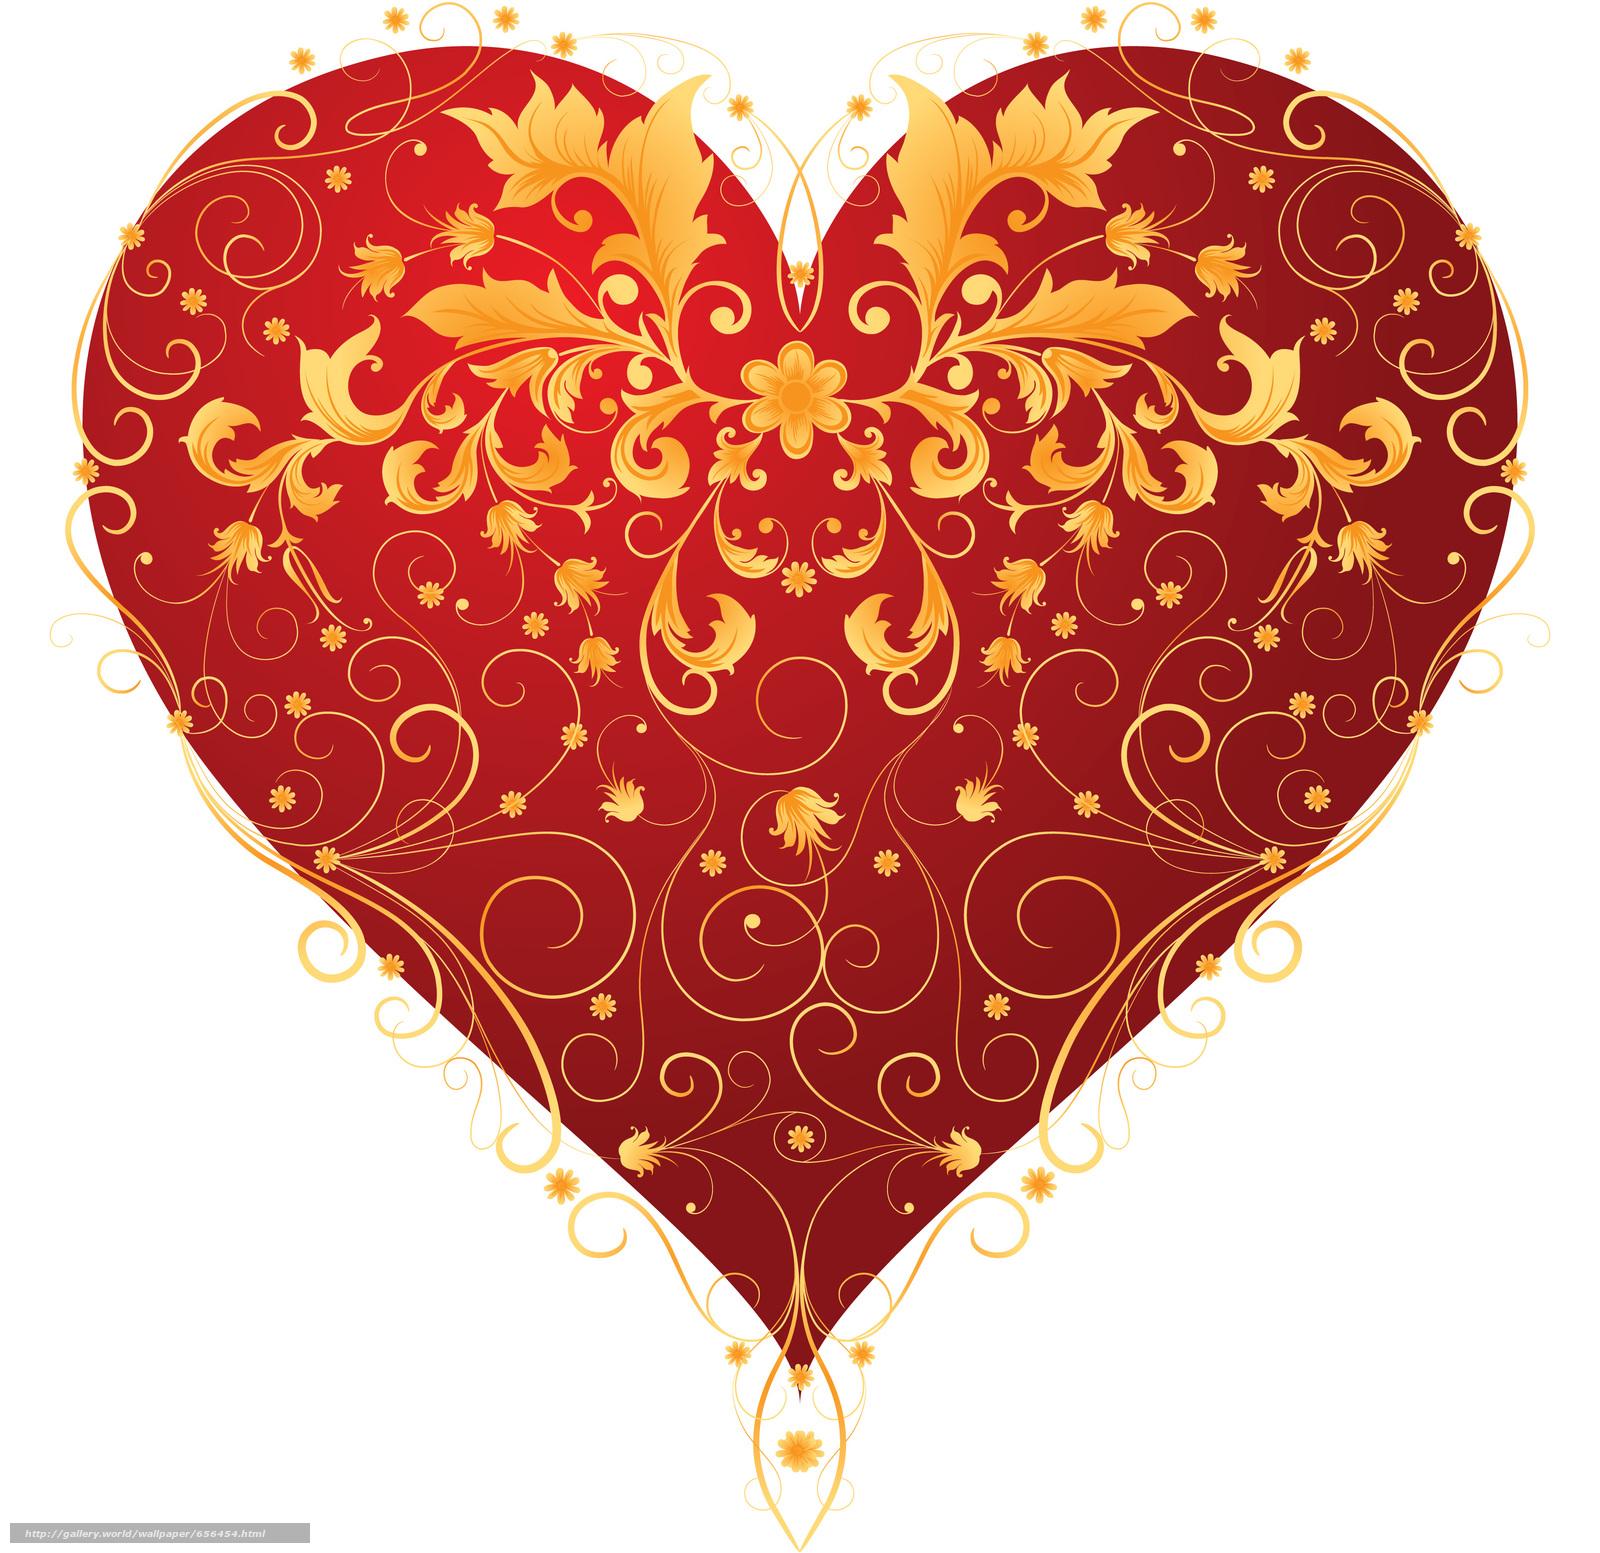 pobra tapety Valentine,  Walentynki,  święto,  serce Darmowe tapety na pulpit rozdzielczoci 3236x3141 — zdjcie №656454